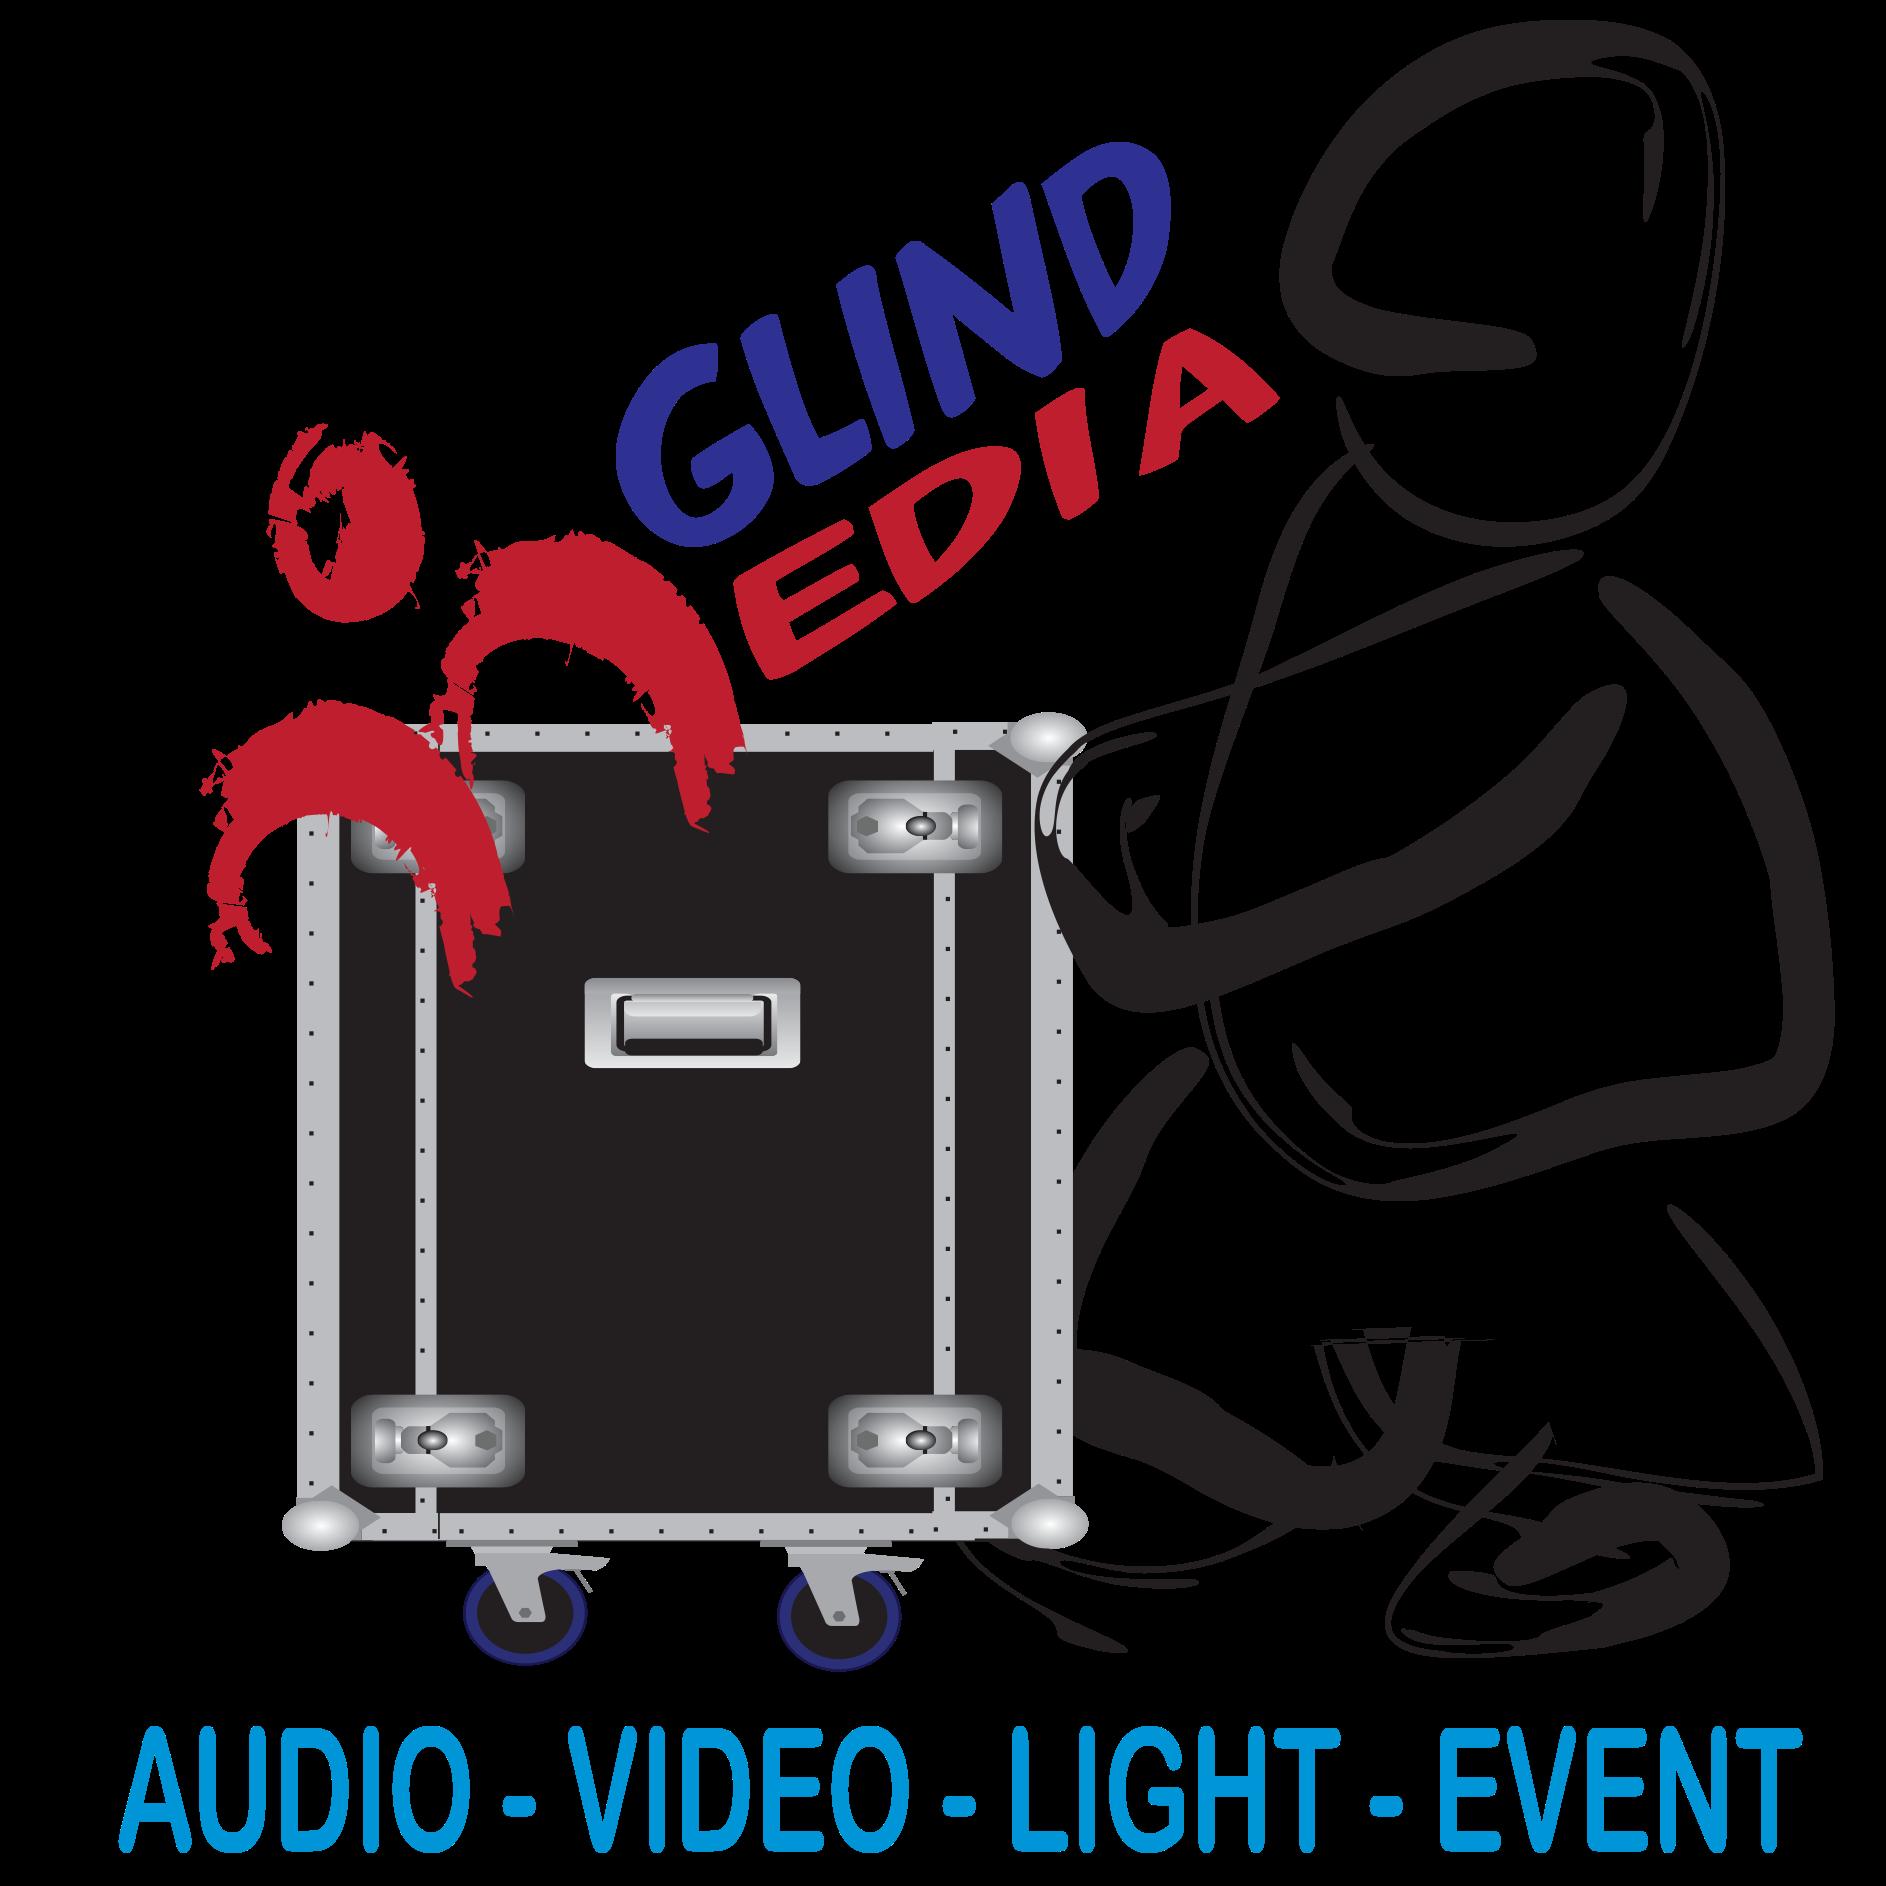 GlindMedia